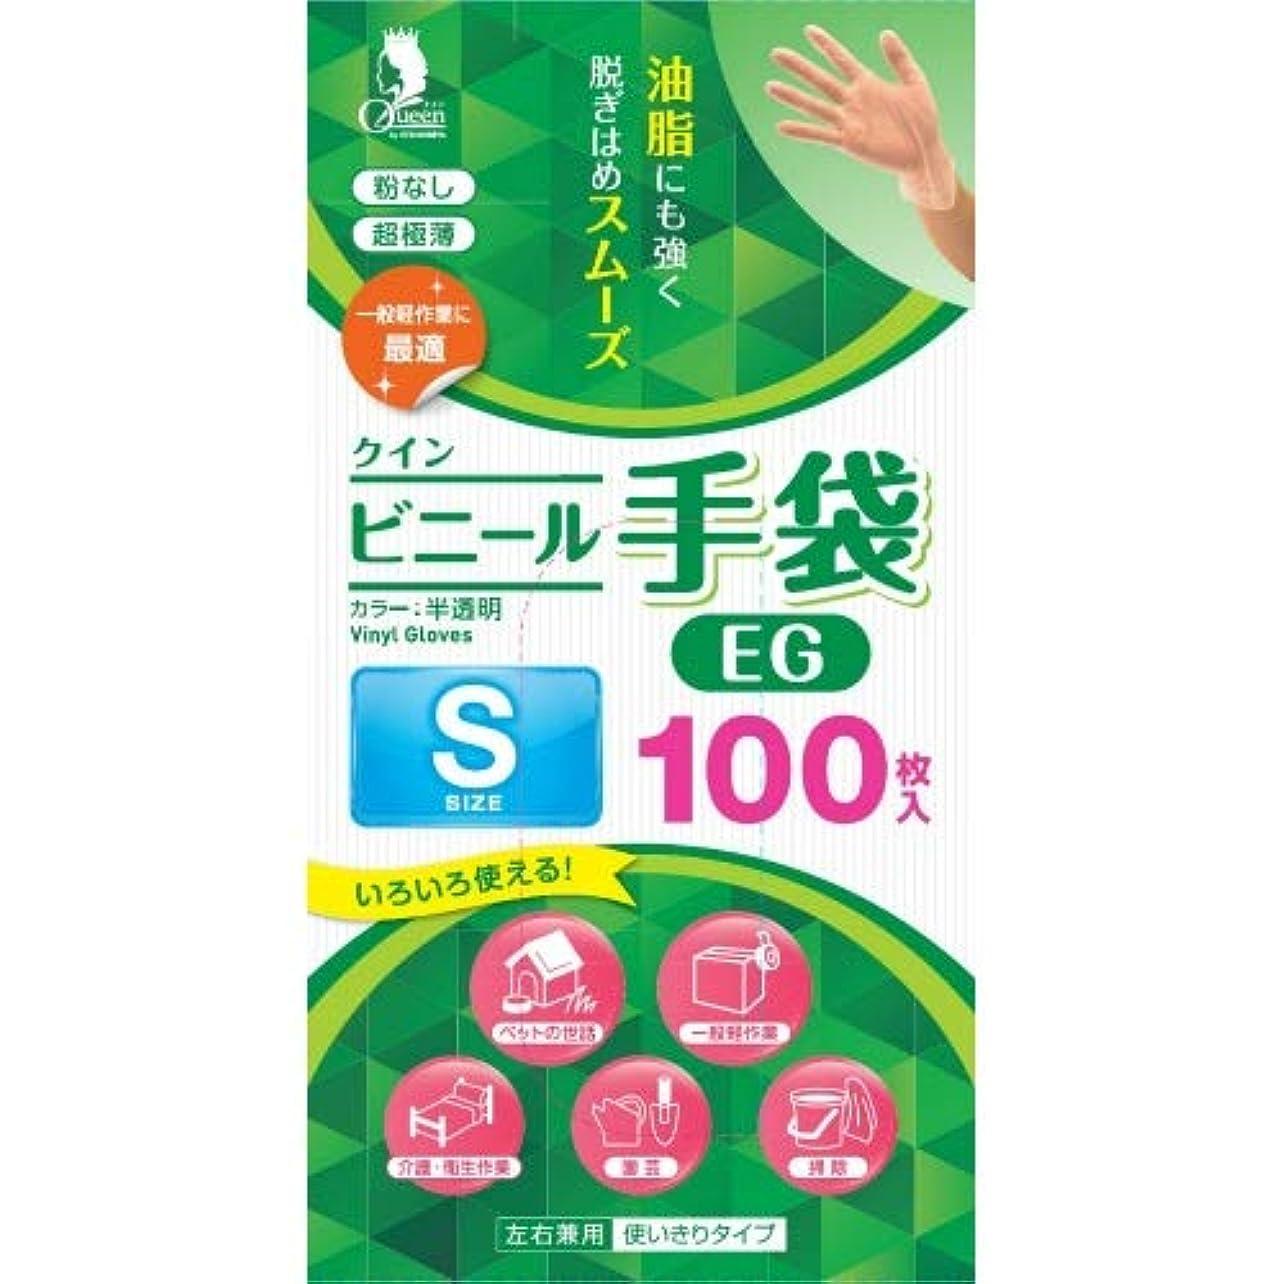 女王デコードする上げる宇都宮製作 クイン ビニール手袋 EG 粉なし 100枚入 Sサイズ